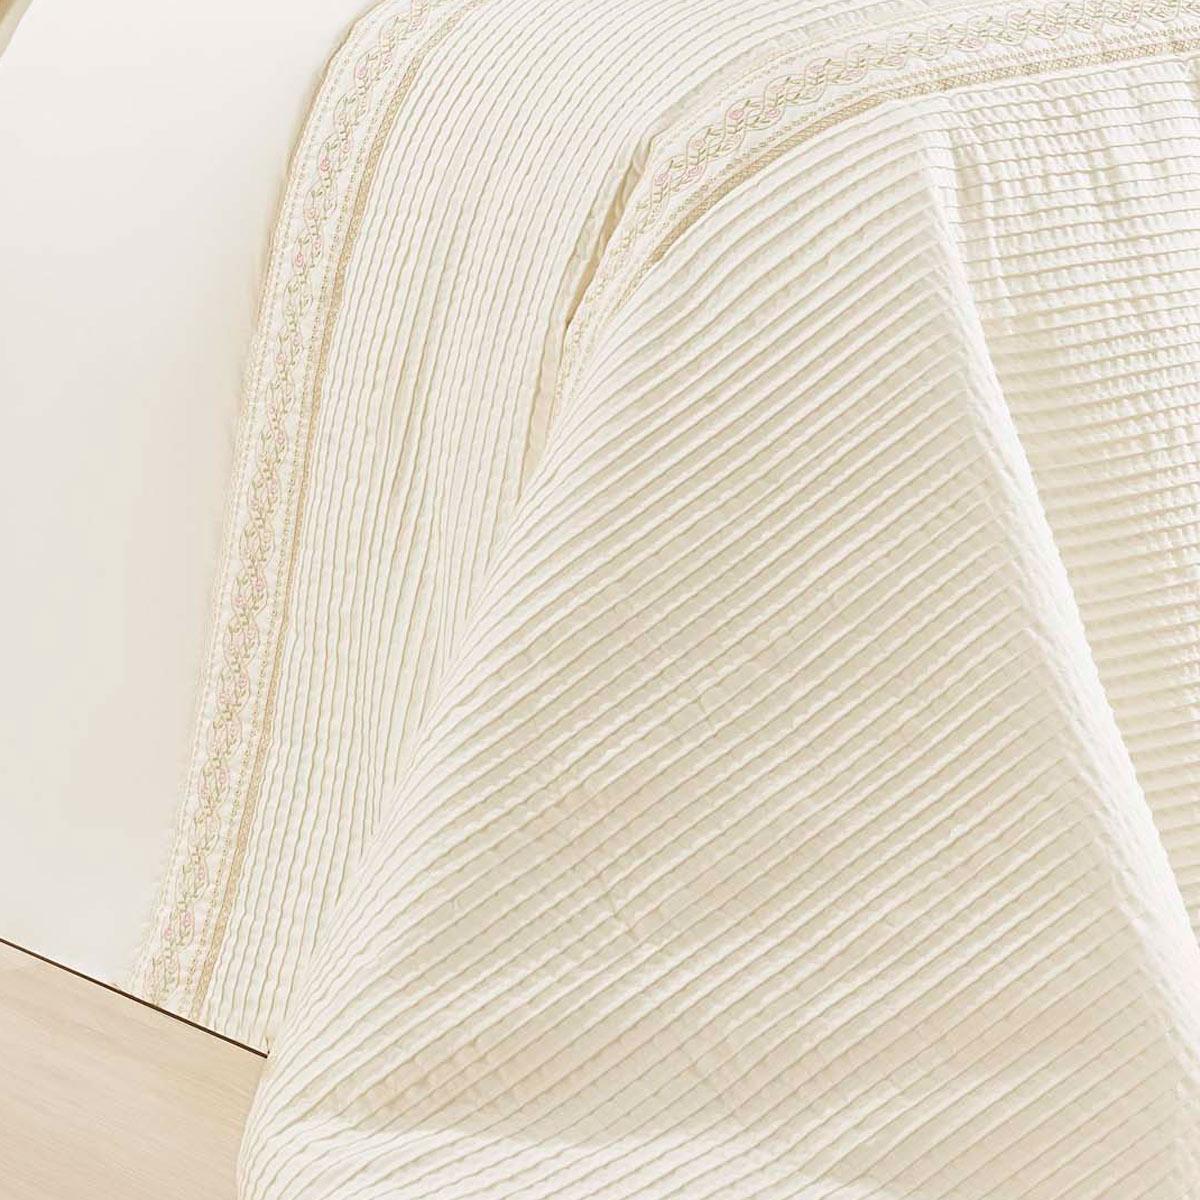 Colcha de Cama Cama Super King Size Palha Percal 200 fios com 7 peças - Colcha Lumiere